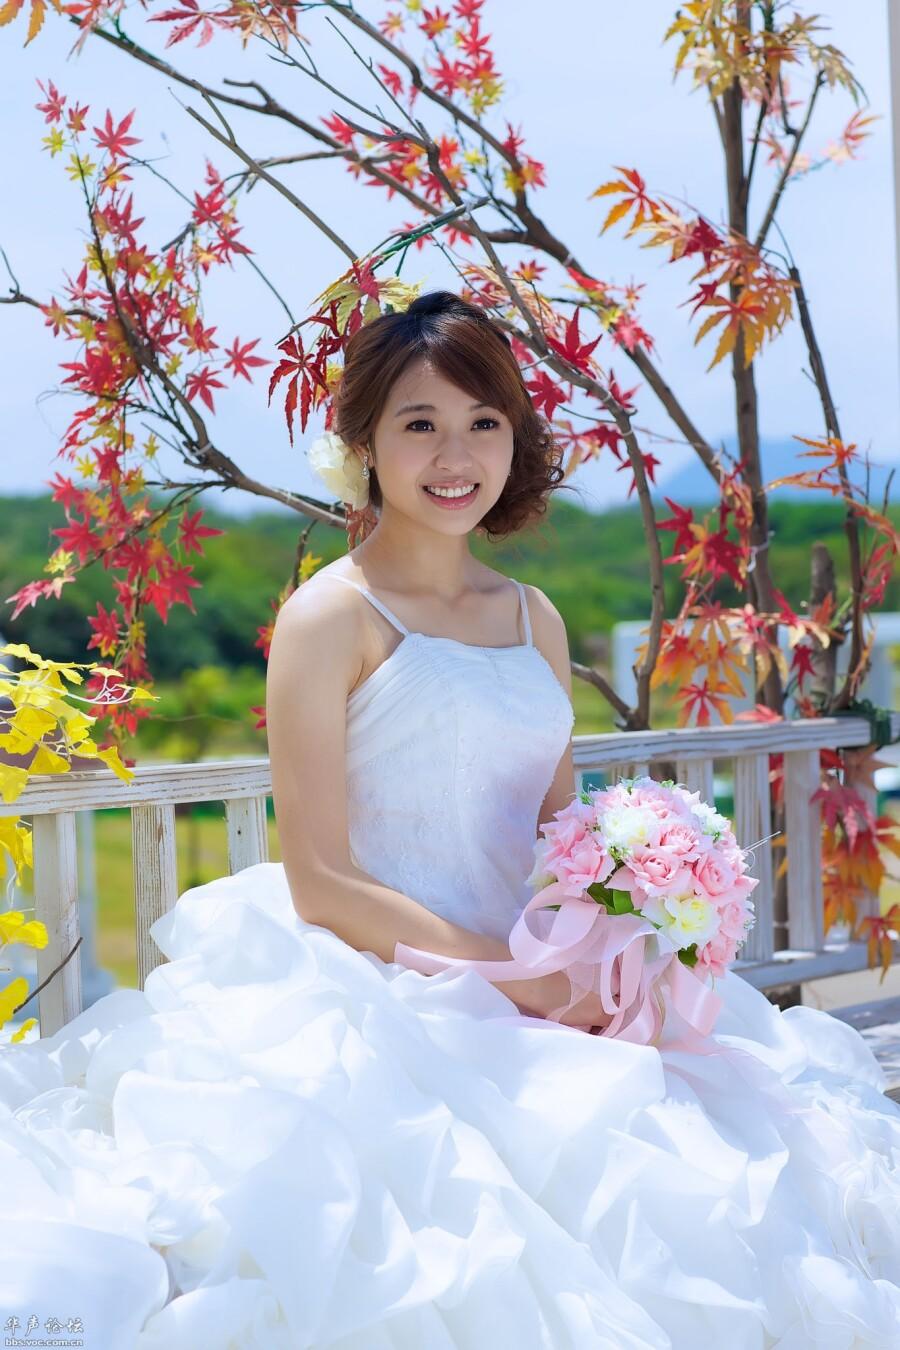 我要做你的新娘 - 春色满园 - 春色满园